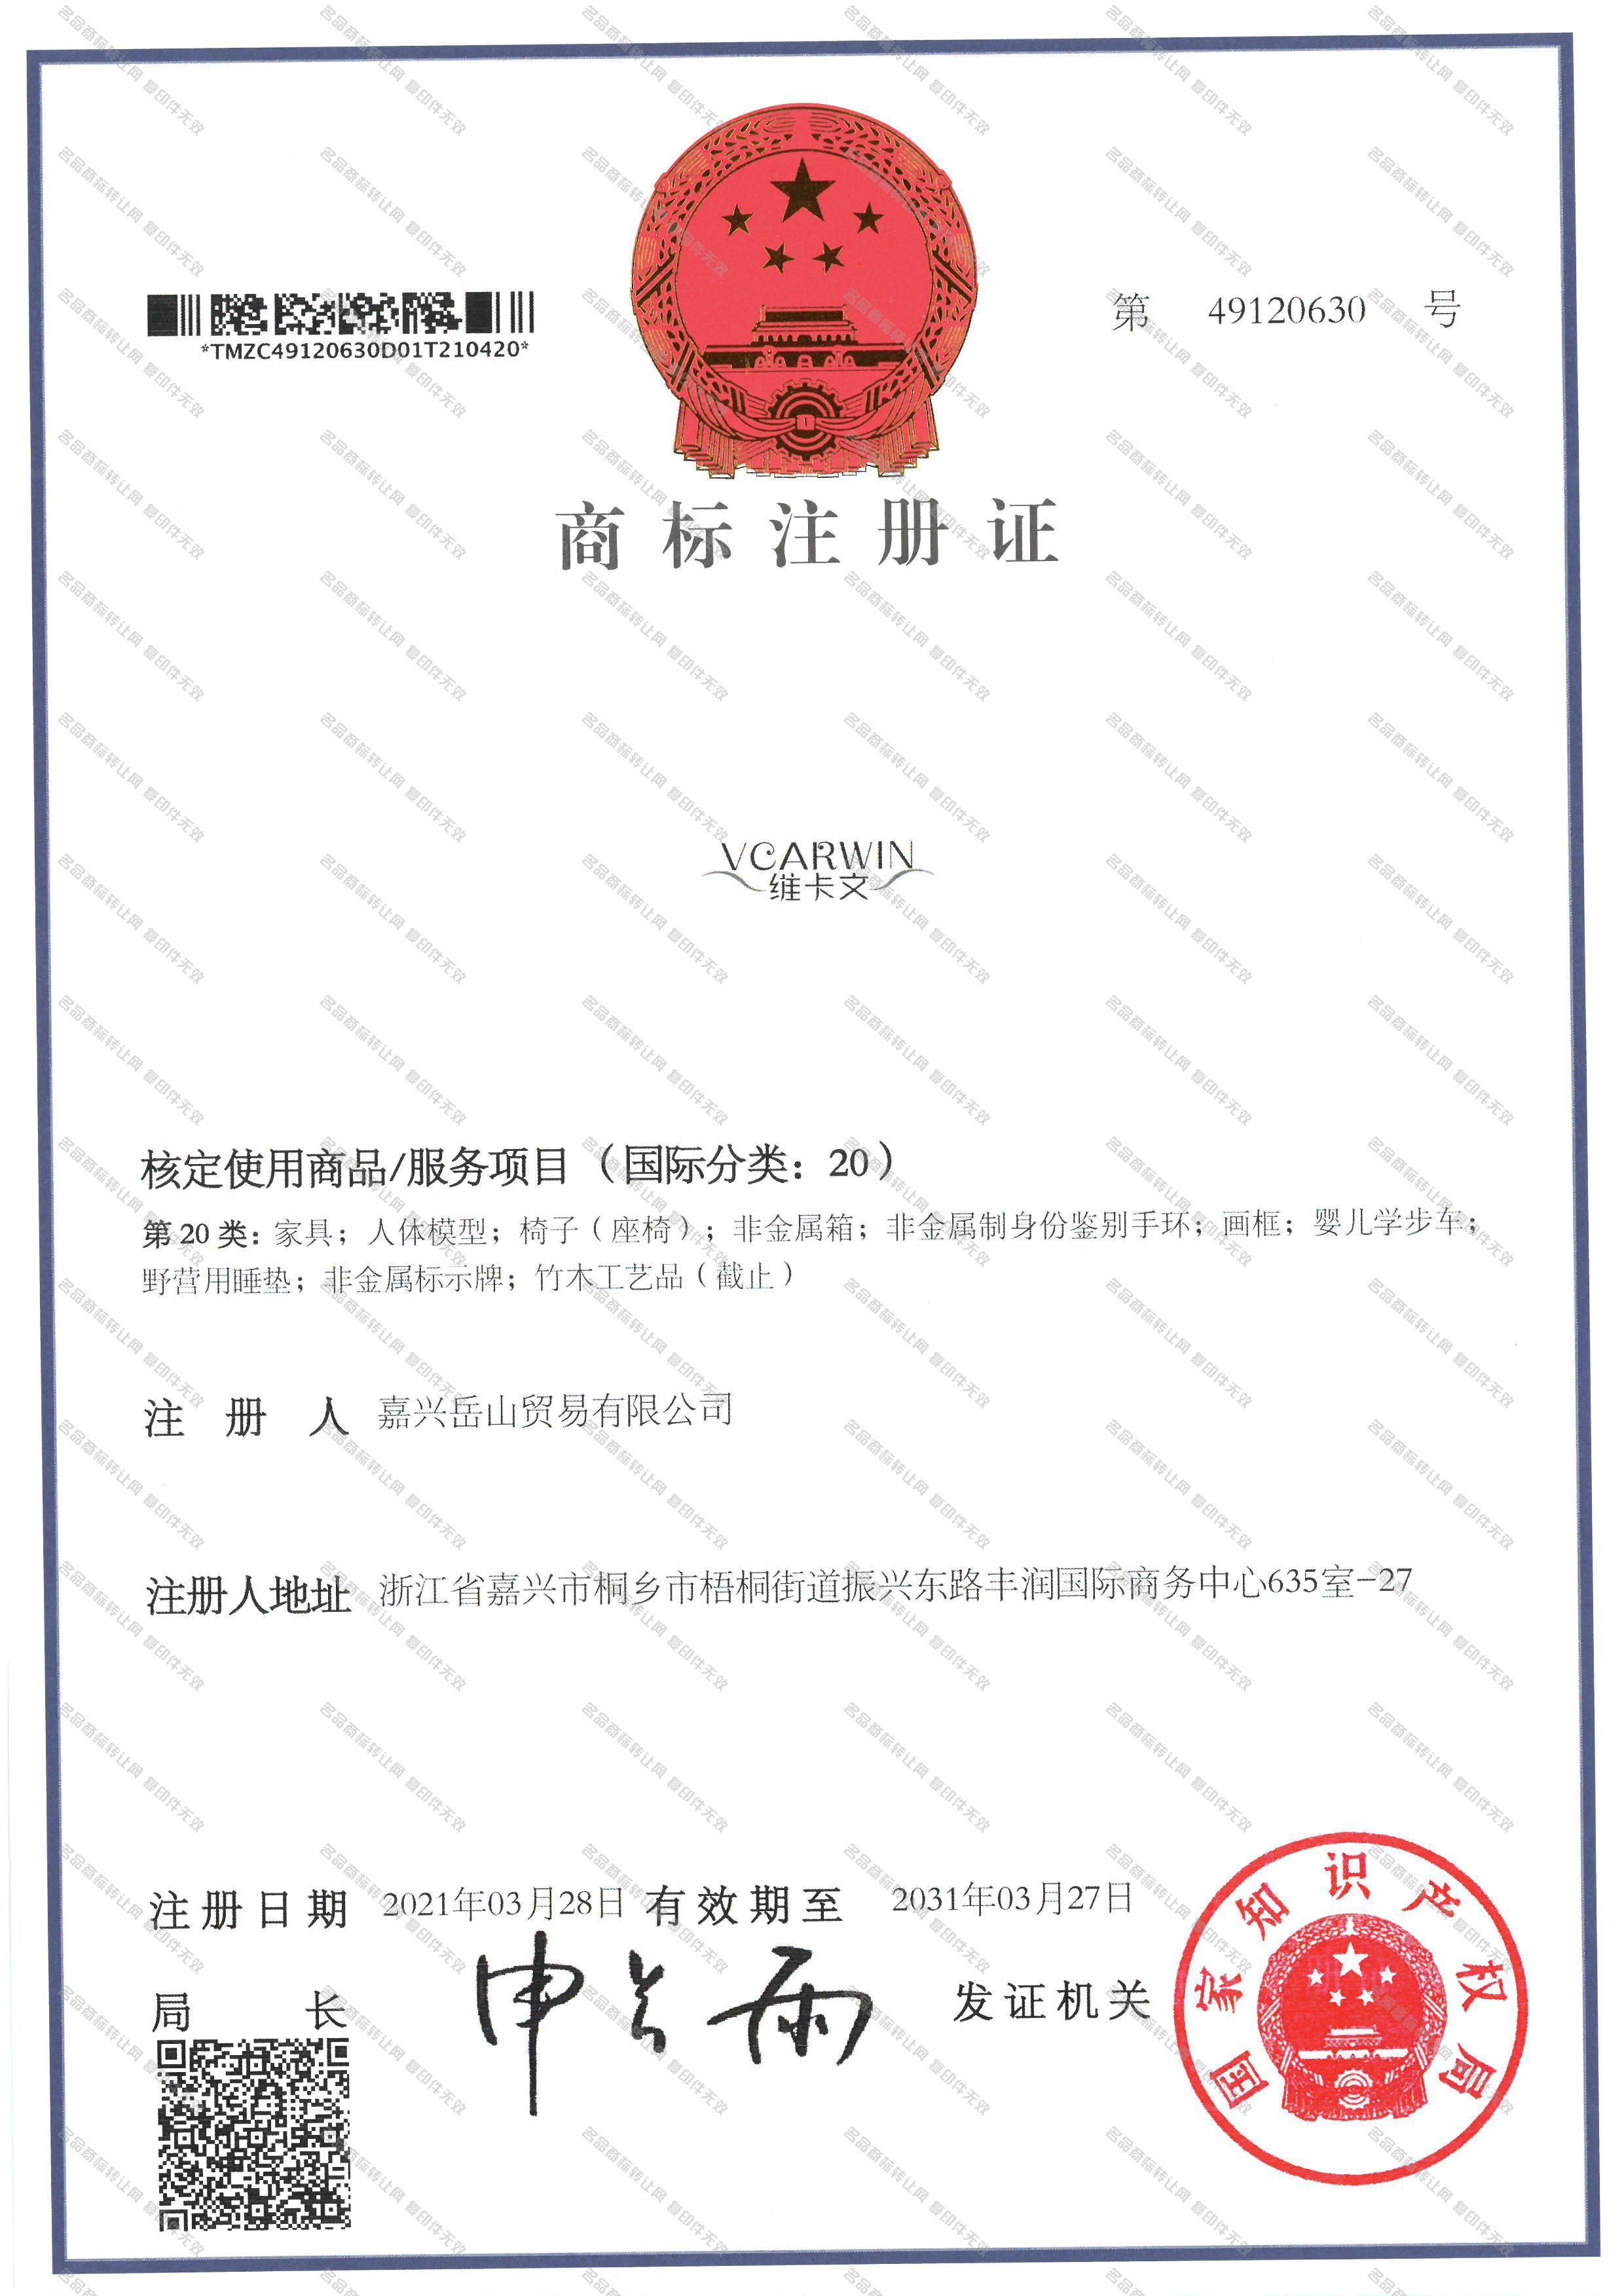 维卡文 VCARWIN注册证